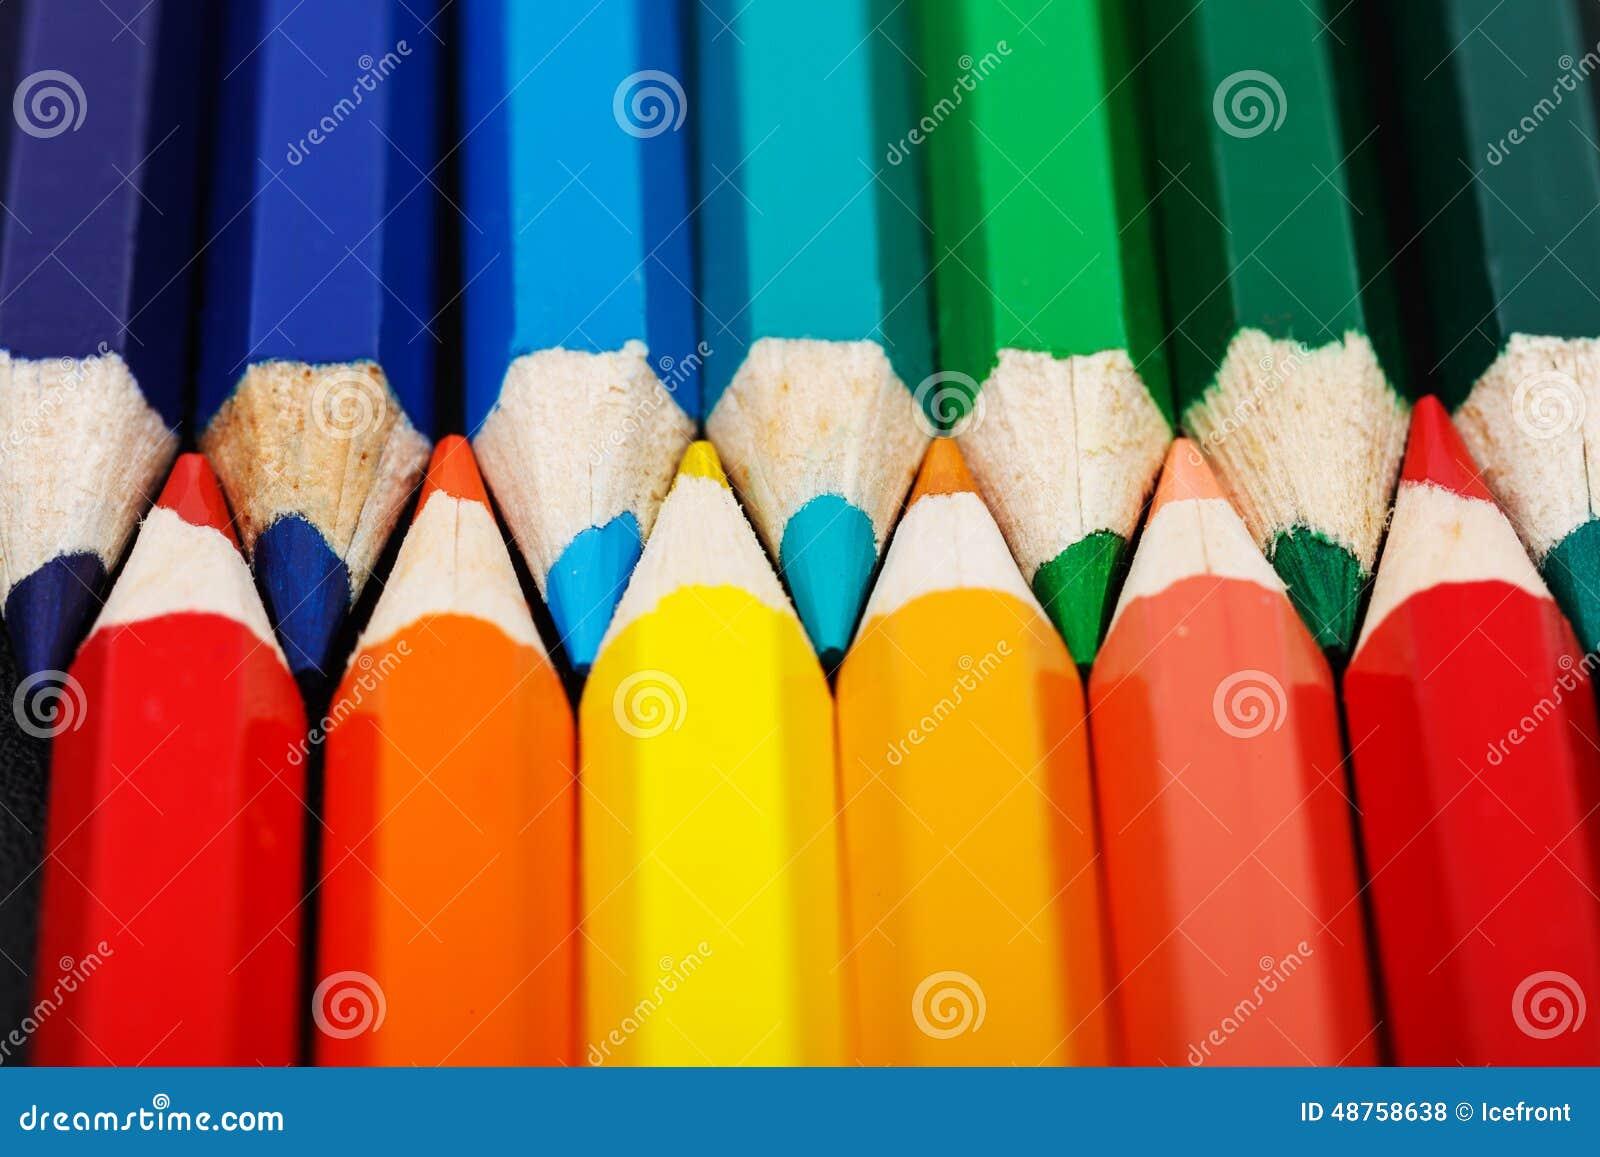 Warme en koude kleuren stock foto afbeelding bestaande uit tekening 48758638 - Warme en koude kleuren in verf ...